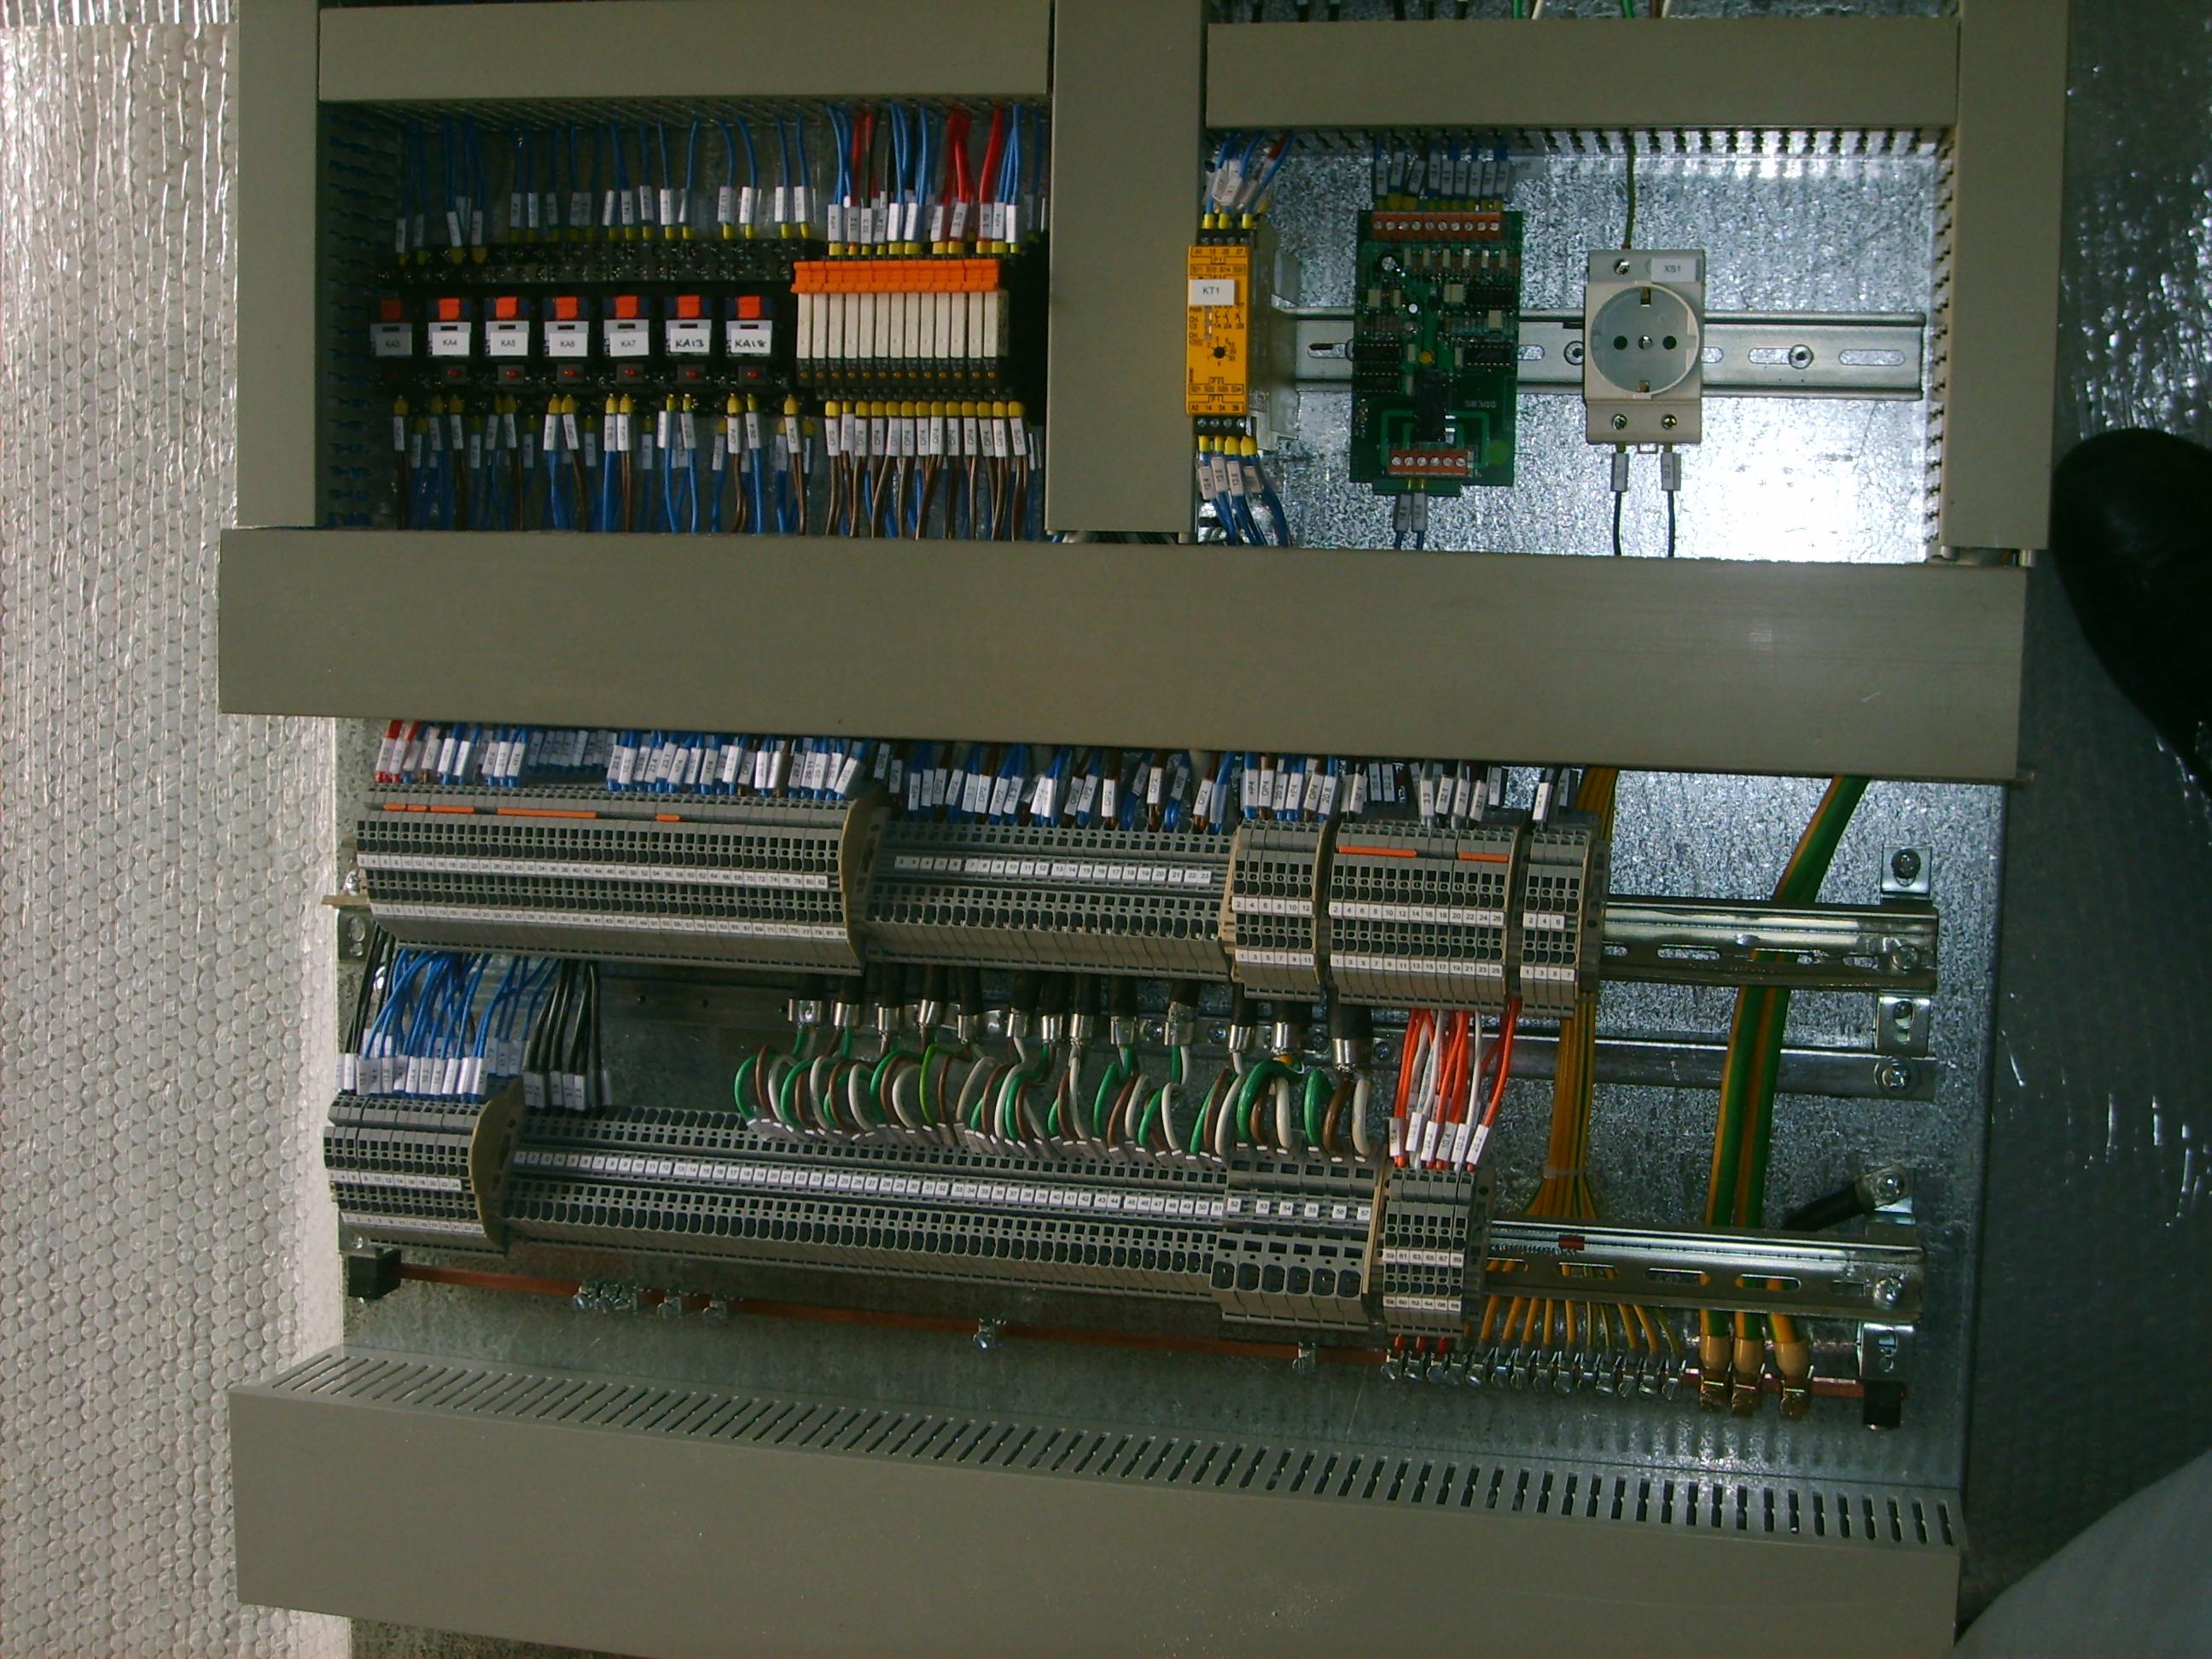 Ram, Şardon, Traş, Yıkama, Boya Makinaları Otomasyon Pnaoları_2